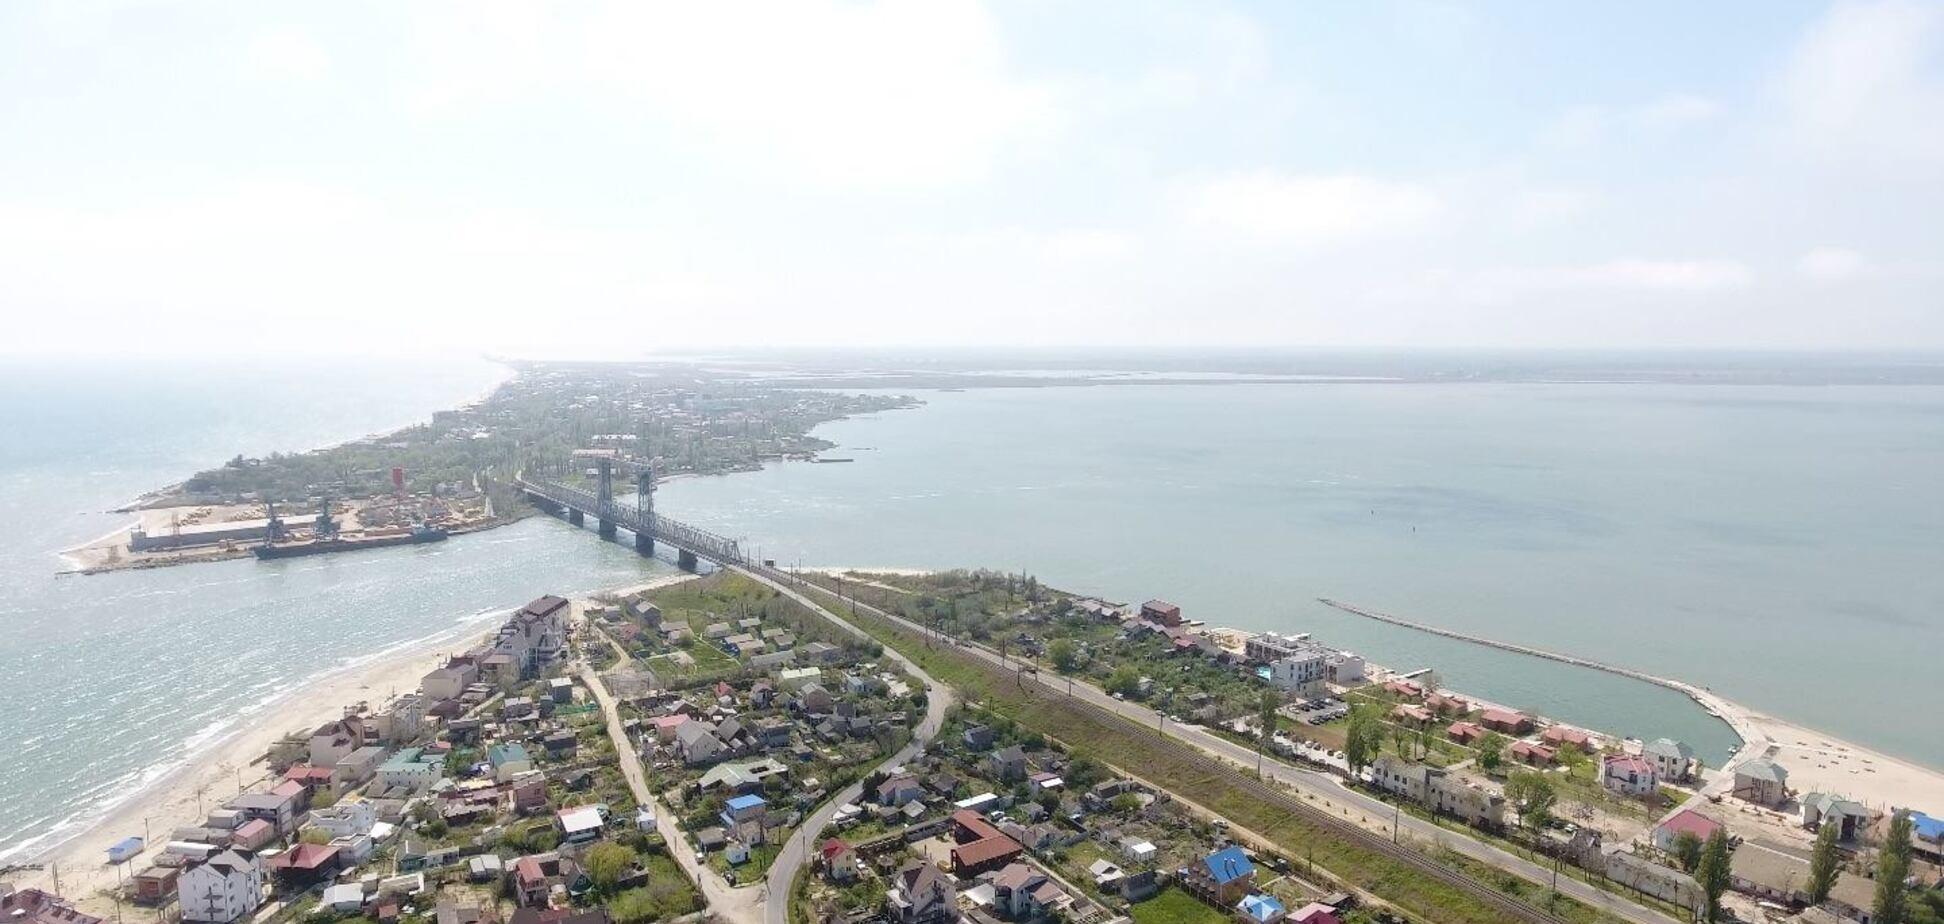 Затока з висоти: опубліковані приголомшливі фото